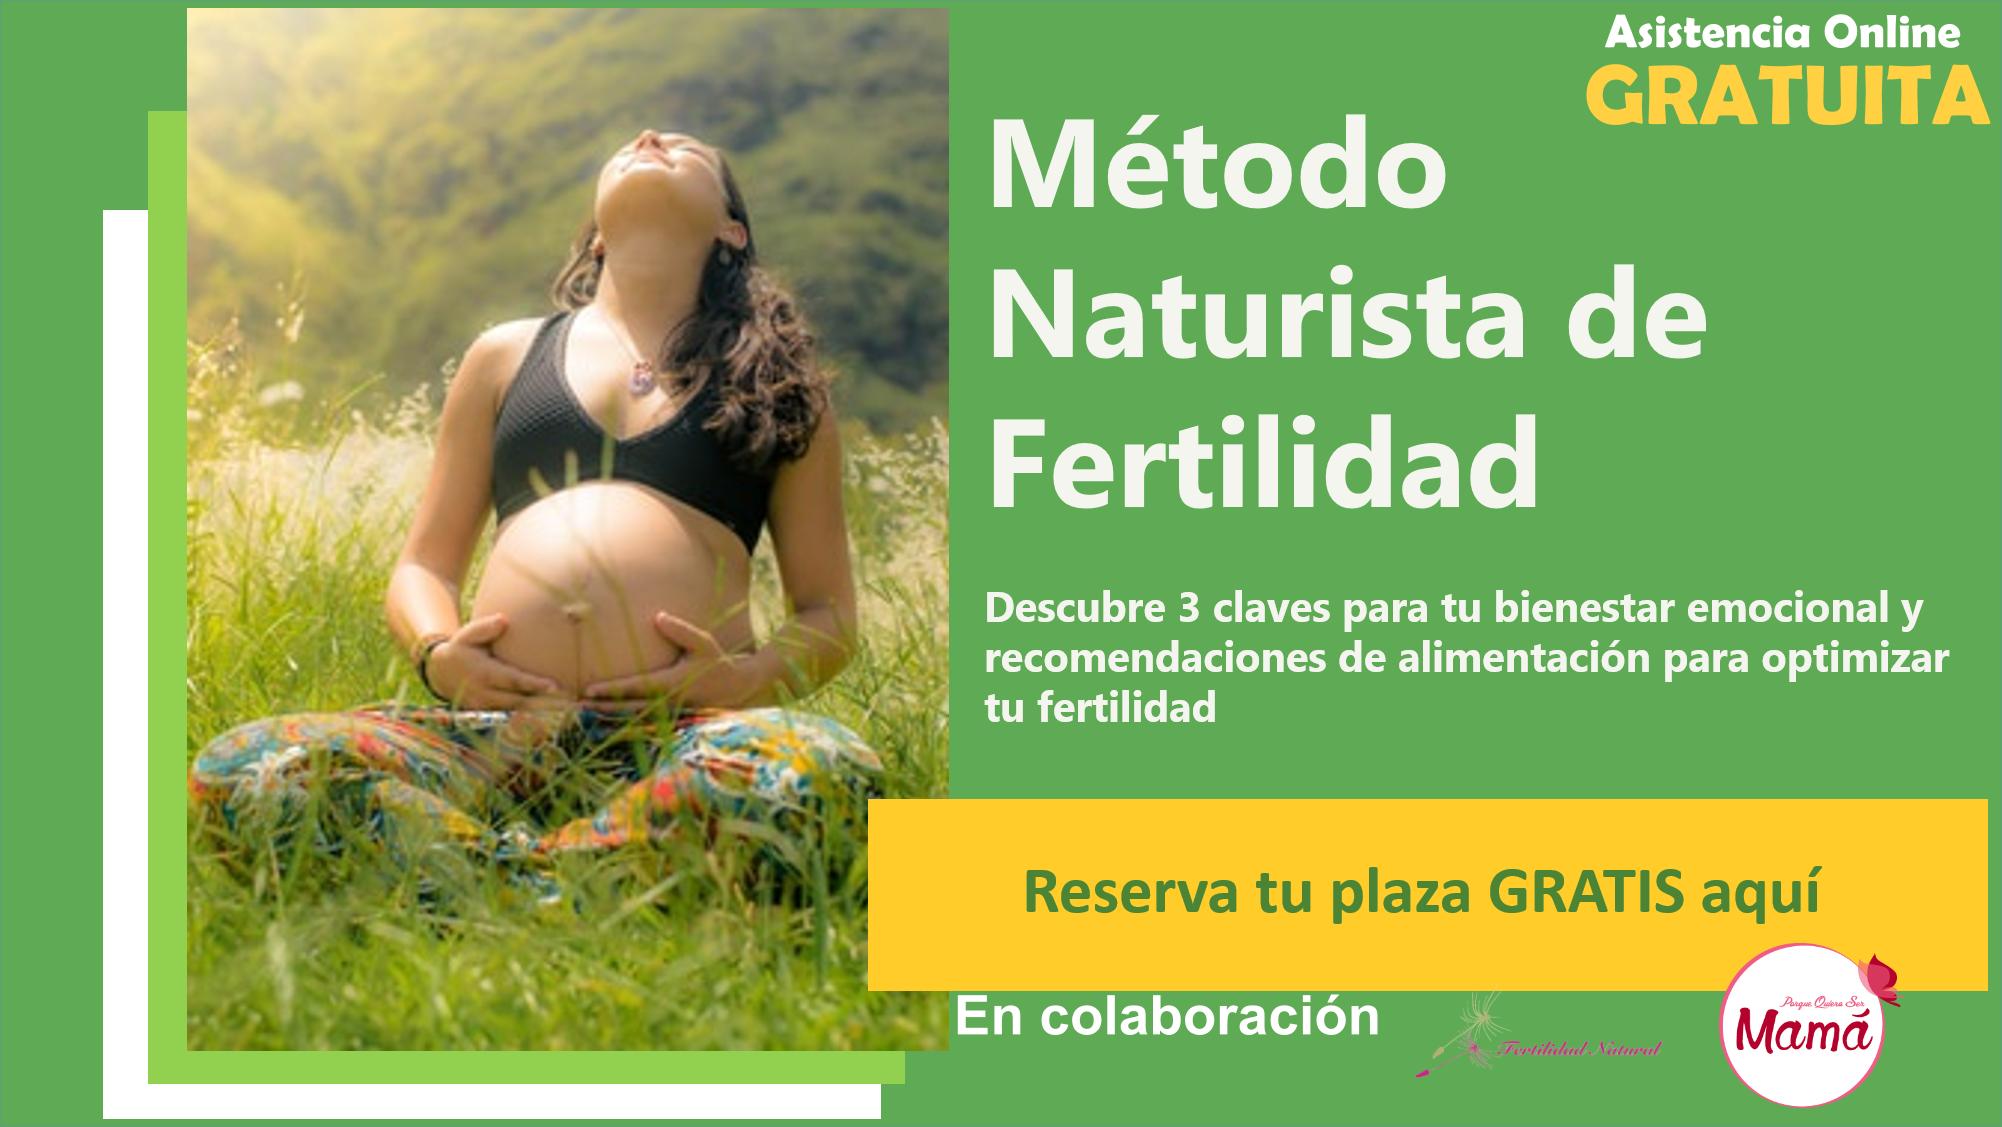 Método Naturista de Fertilidad V1